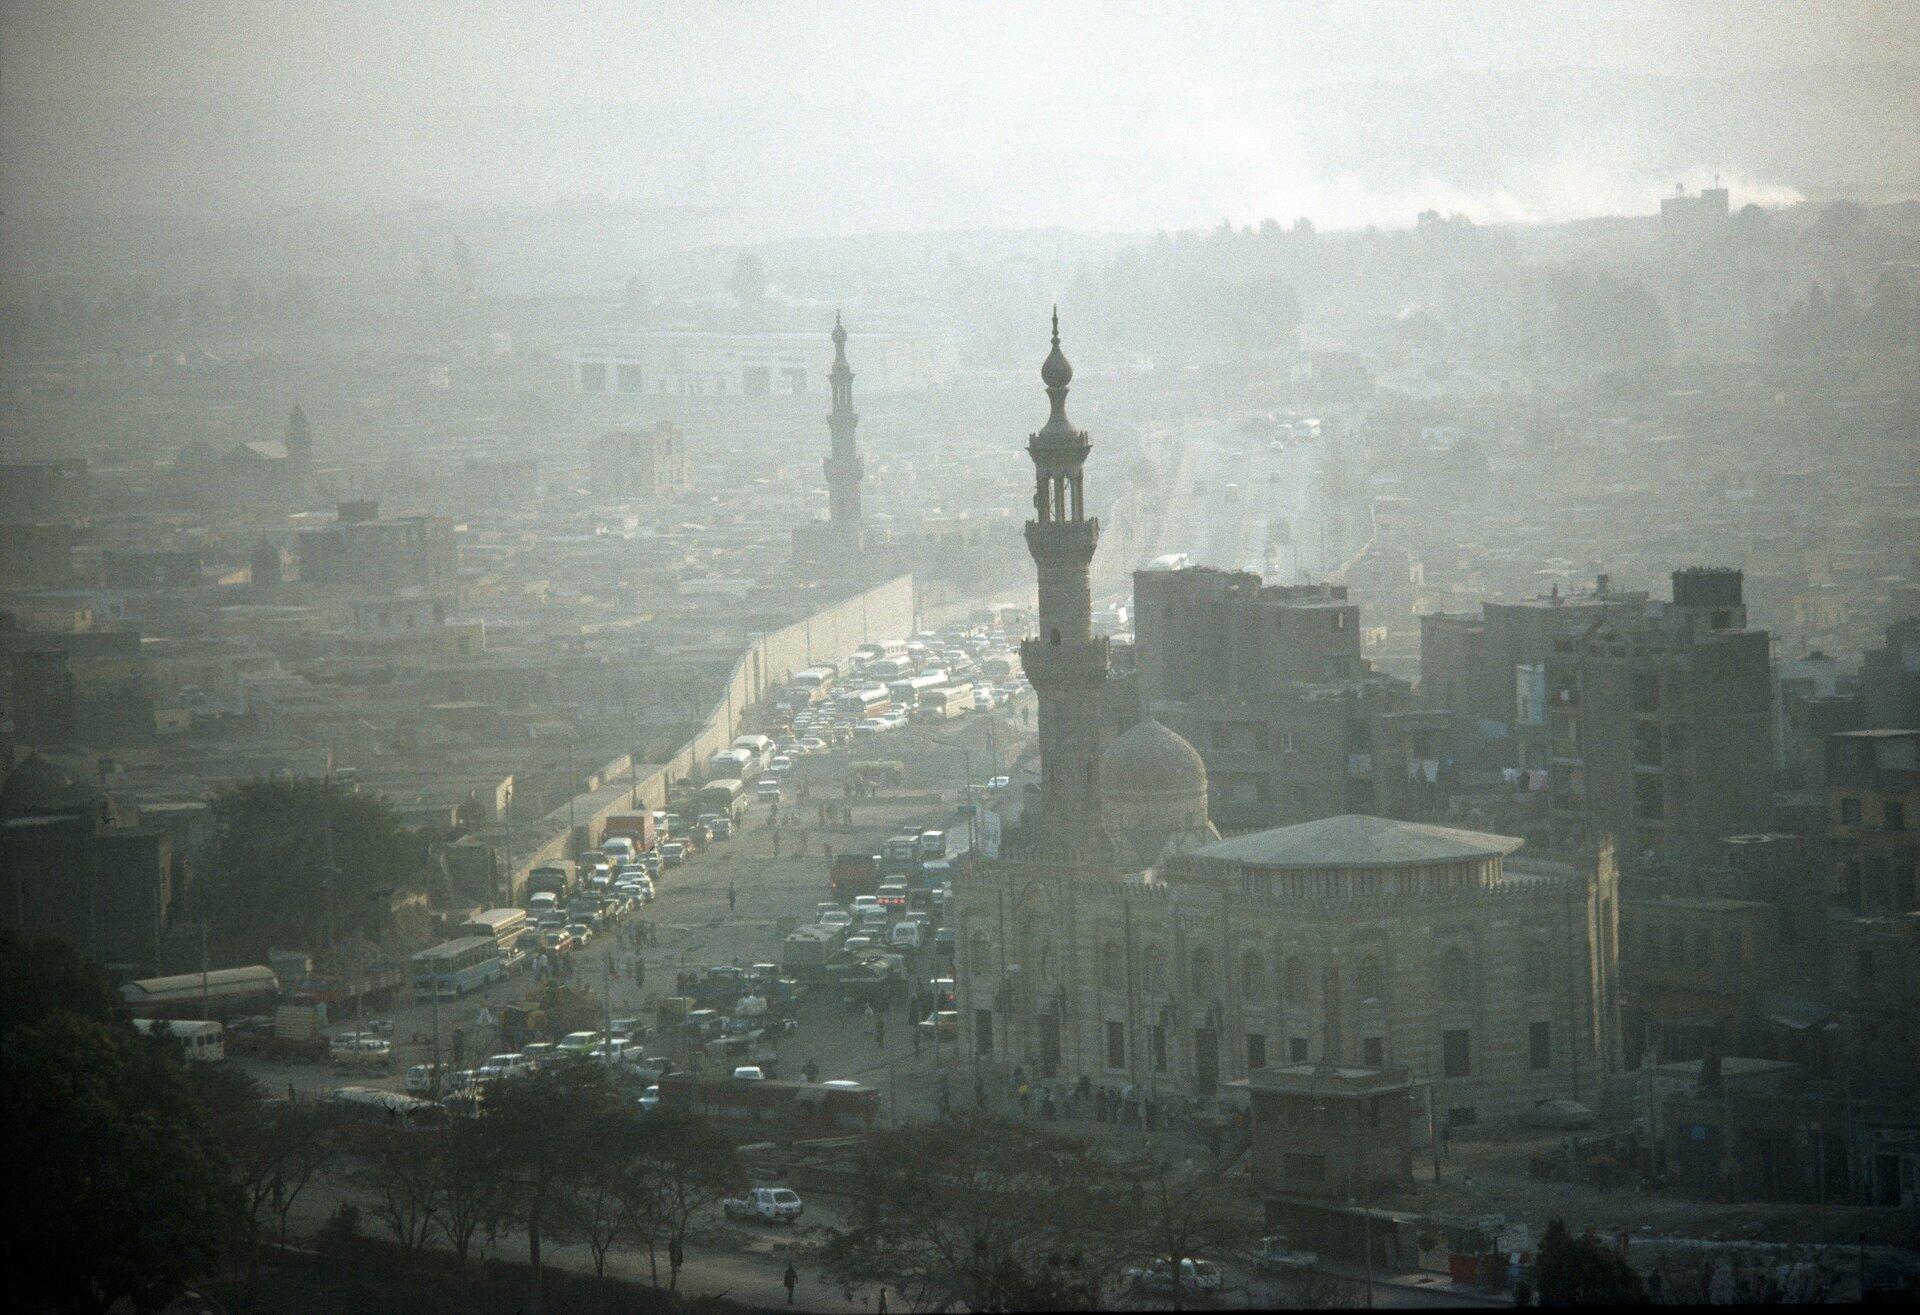 Zdjęcie przedstawia oglądane zpobliskiego wzgórza lub wysokiego budynku miasto spowite smogiem. Uwagę zwraca mała przejrzystość powietrza, promienie słońca ztrudem przebijające się przez zanieczyszczenia, duża liczba samochodów na ulicach oraz dym unoszący się zdzielnic położonych wtle. Na pierwszym planie szeroka aleja wiodąca wgłąb kadru izabytkowe budynki zwysokimi wieżami stojące przy niej.